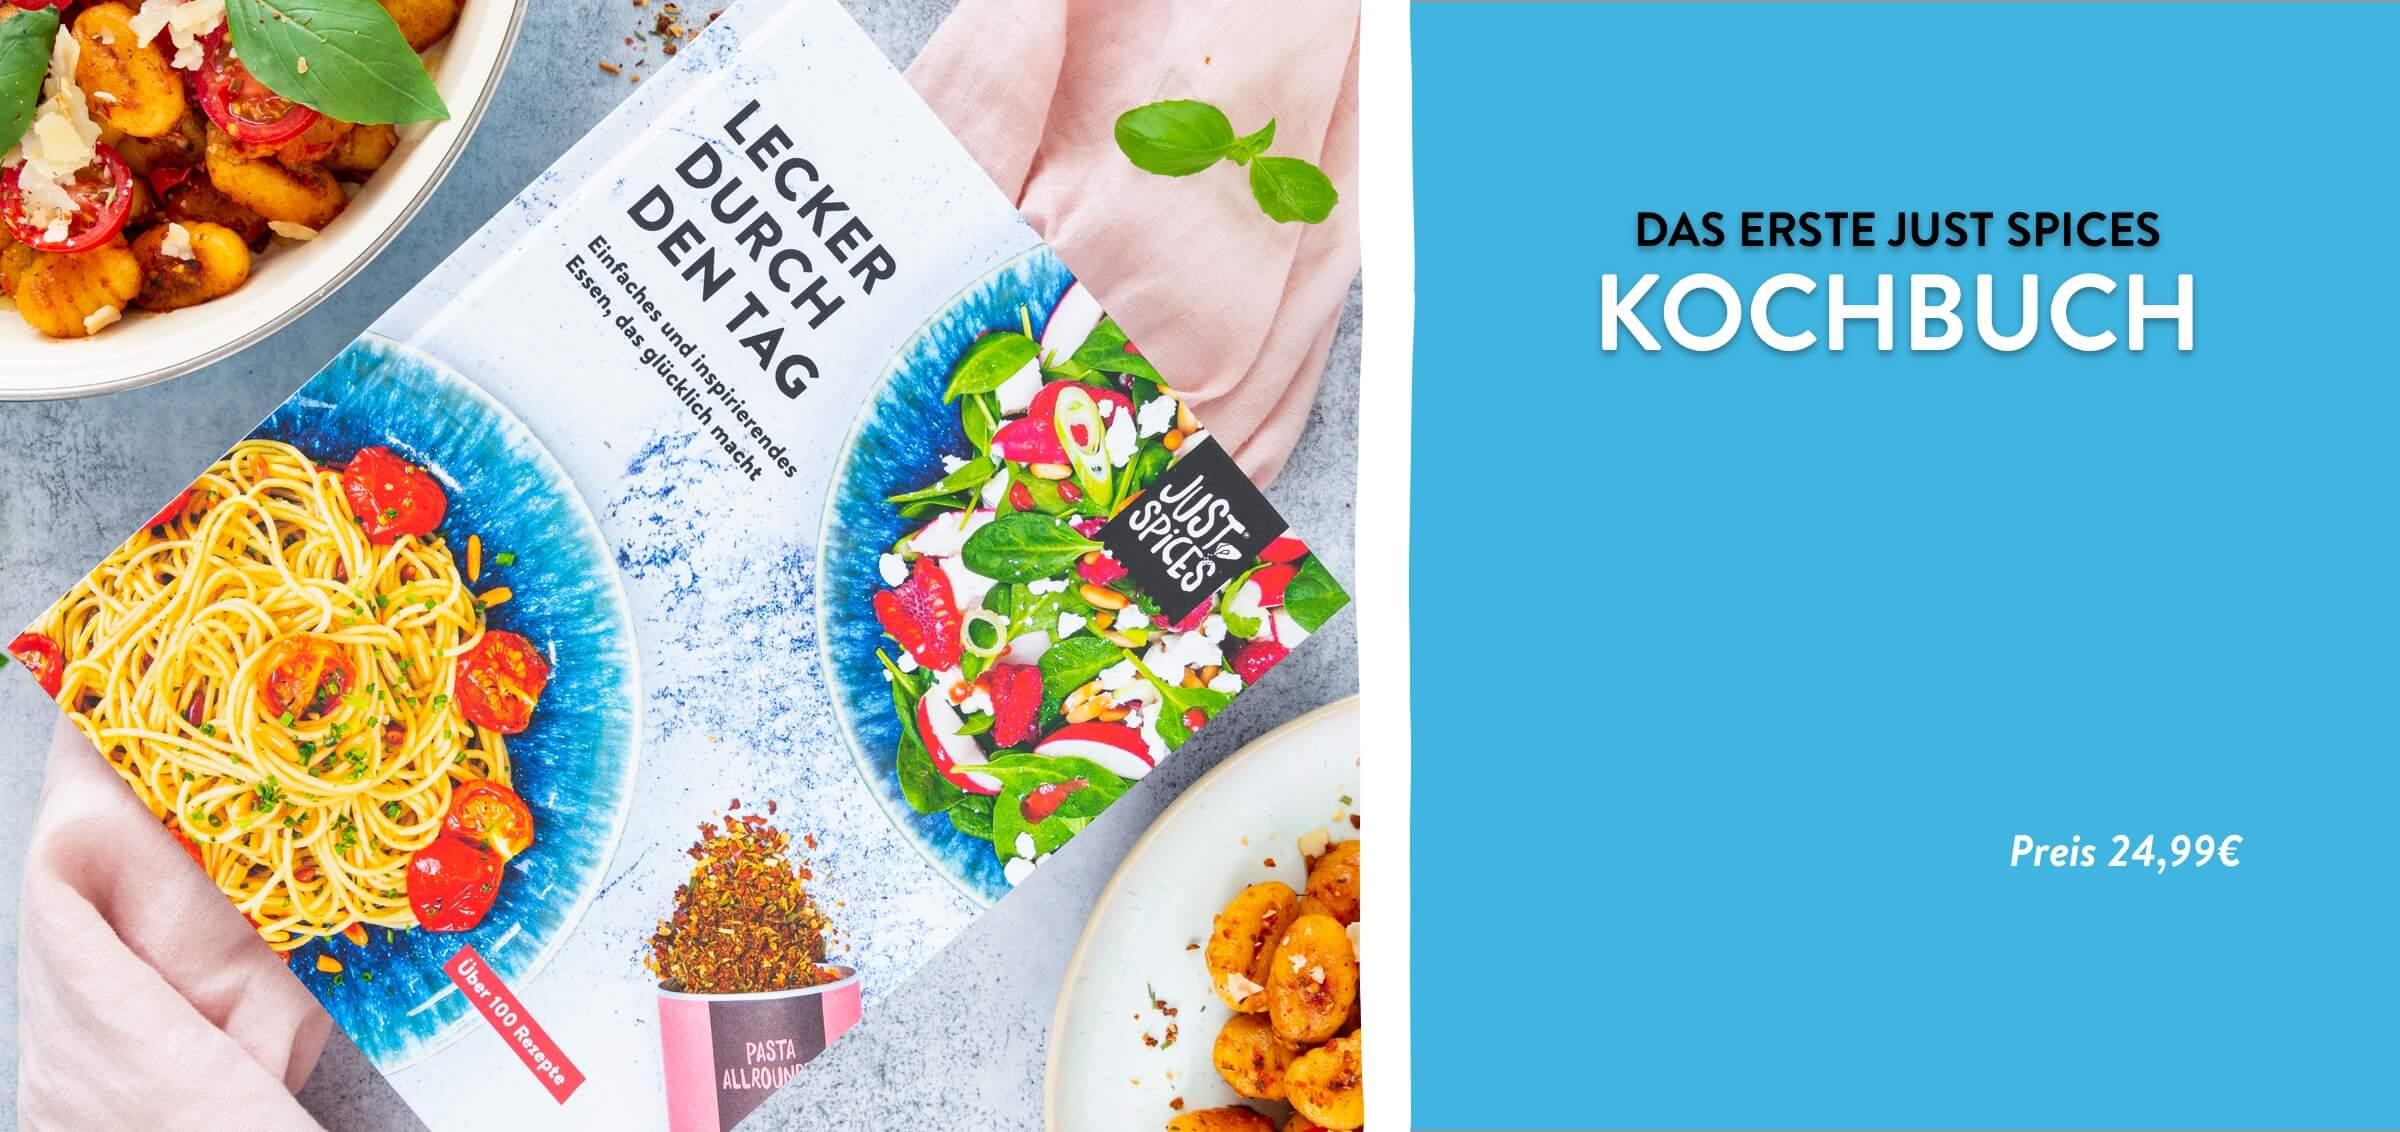 Kochbuch Verkauf